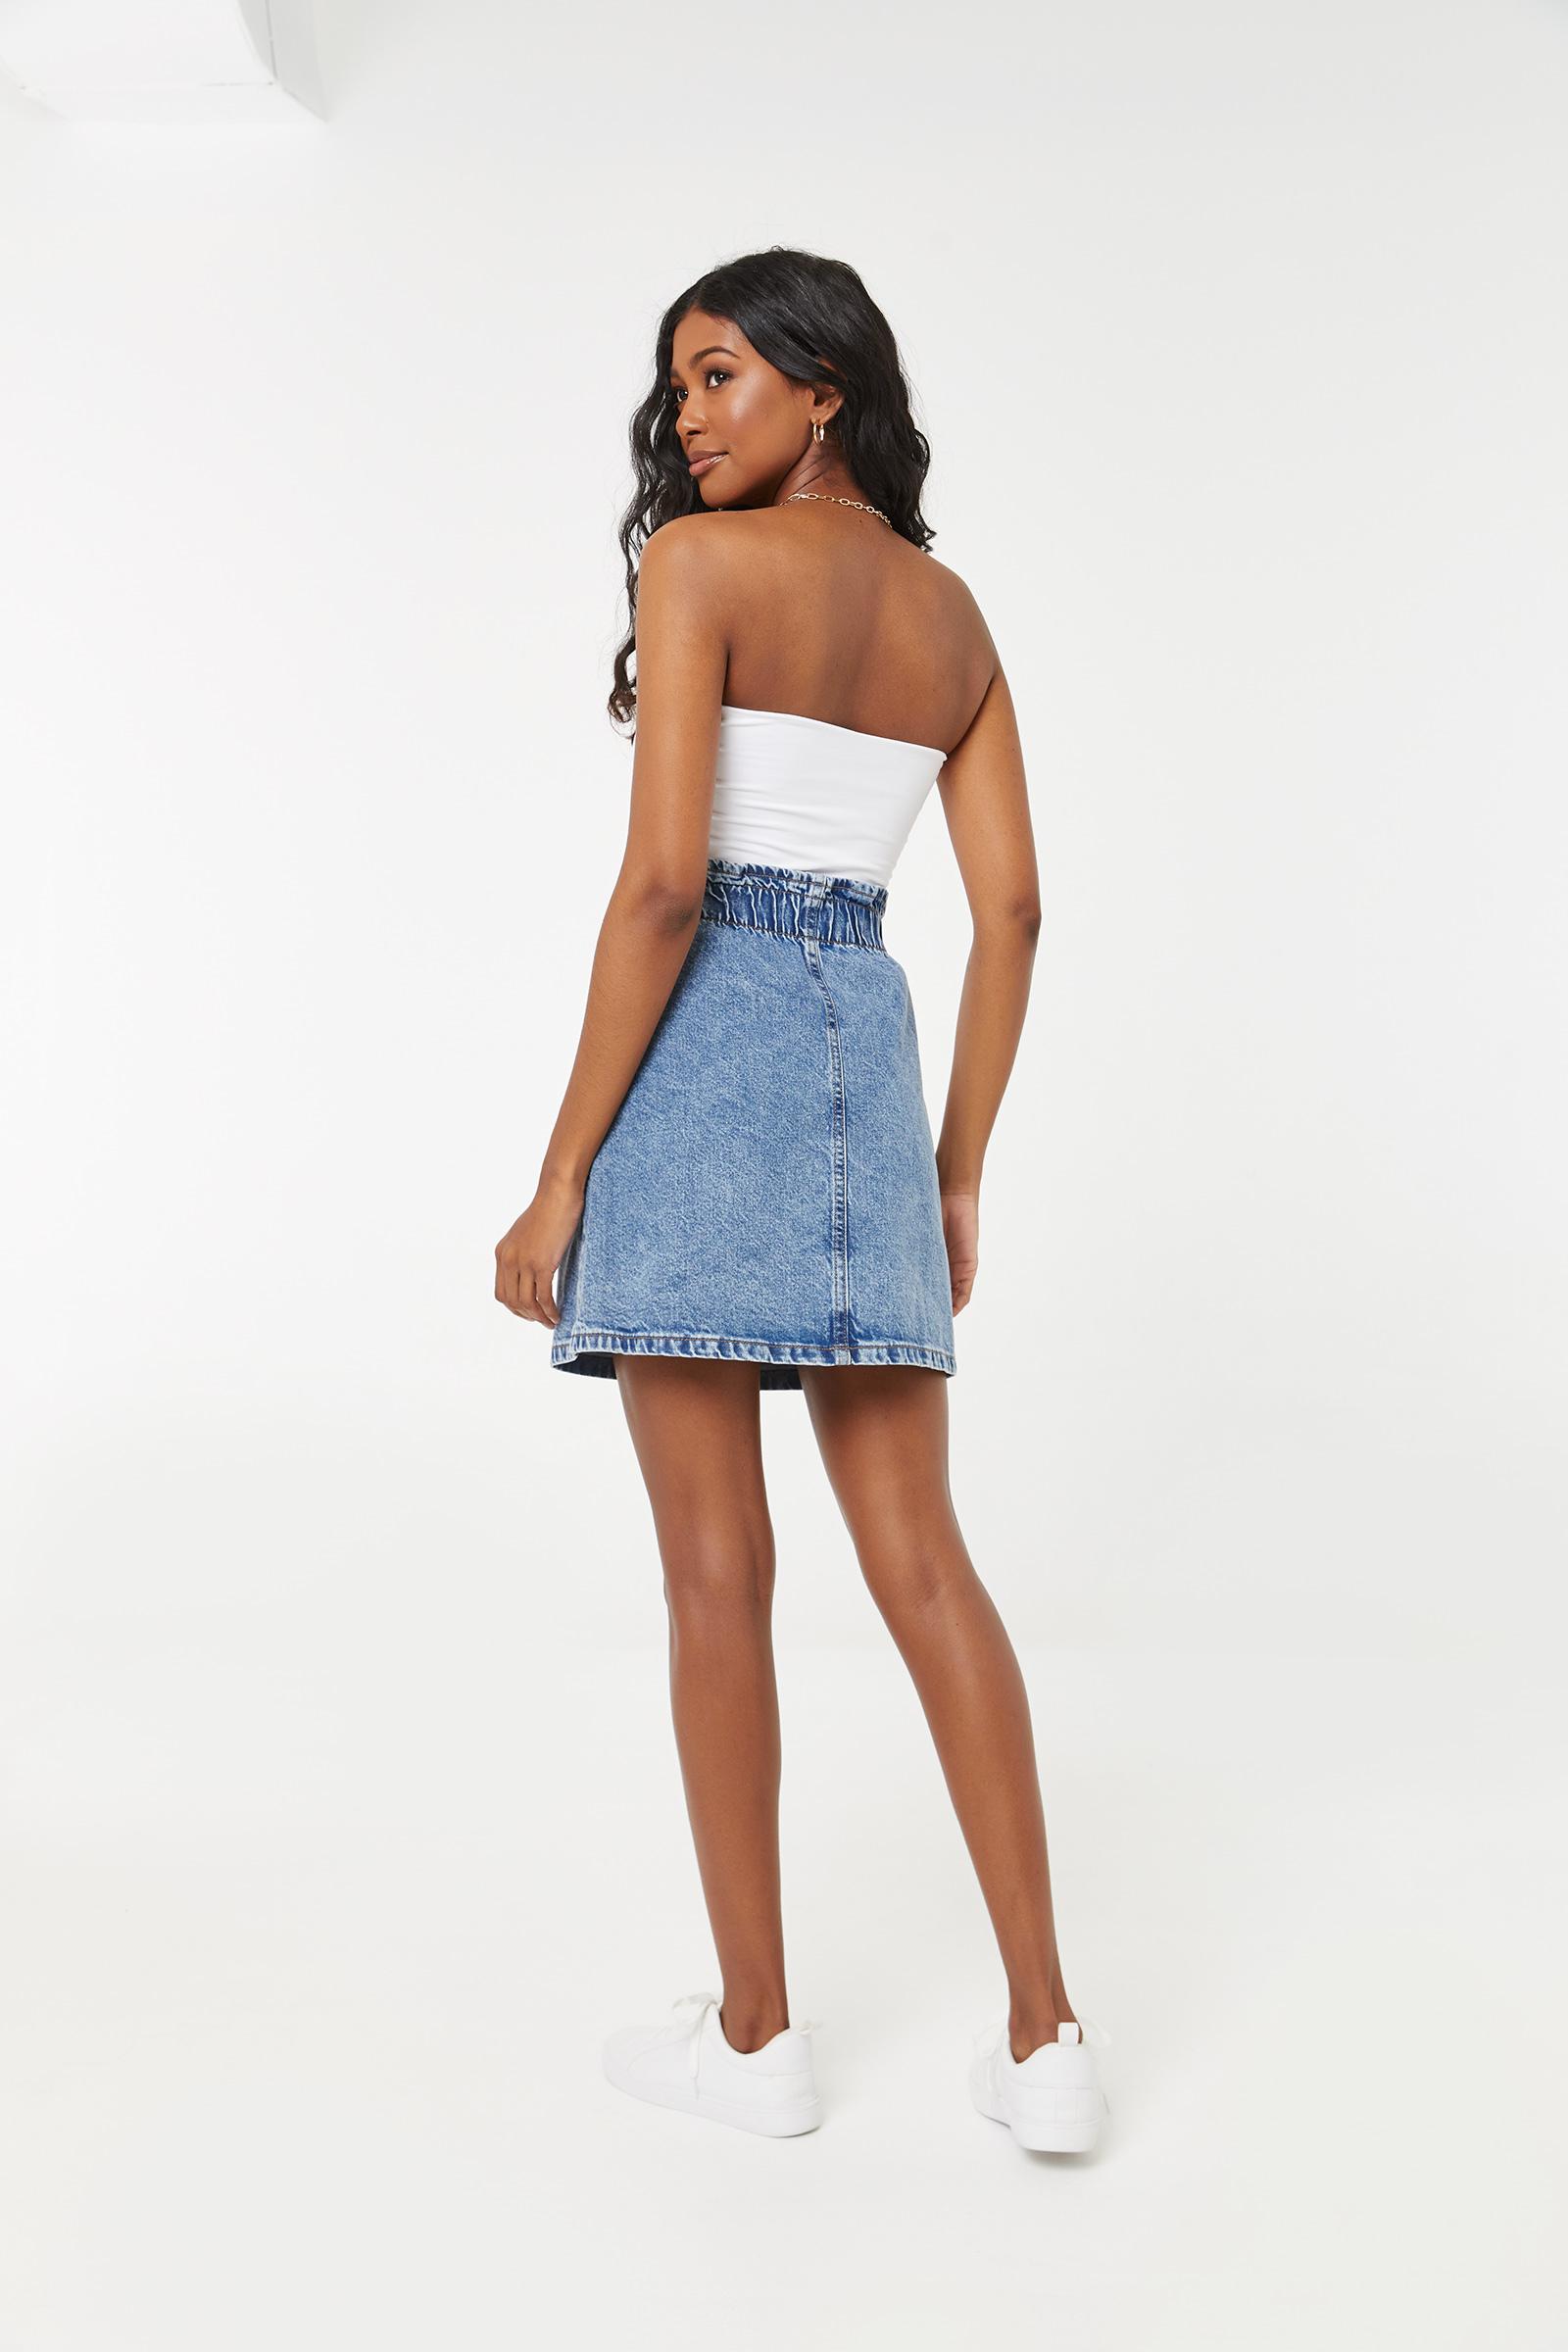 Ruched Mini Denim Skirt